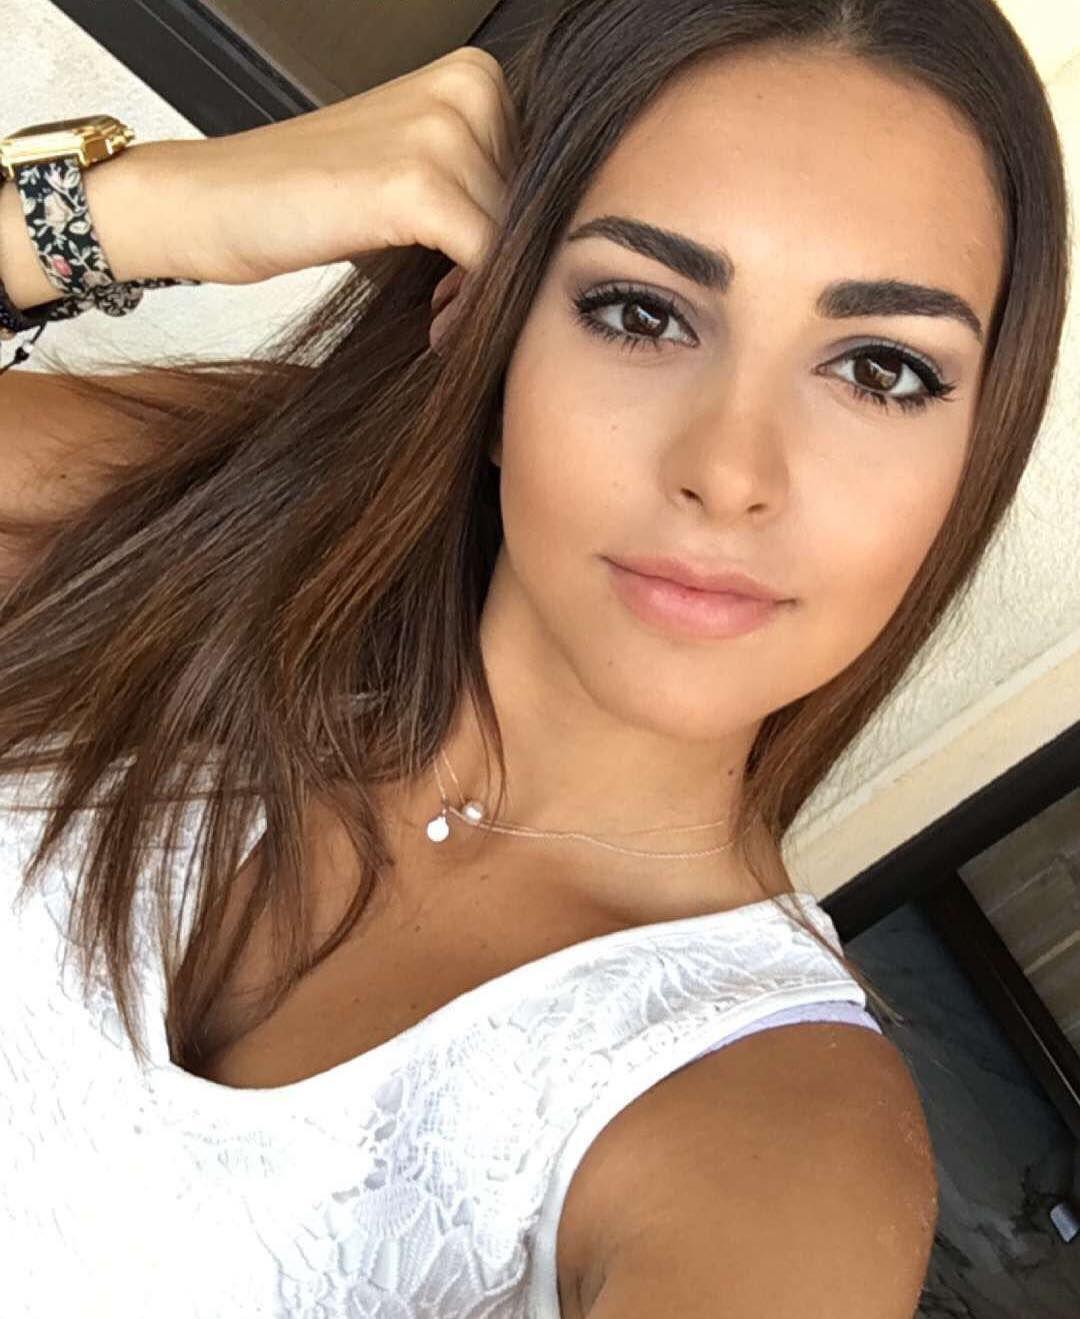 صورة اجمل لبنانية، جمالهم لا يعلوا عليه